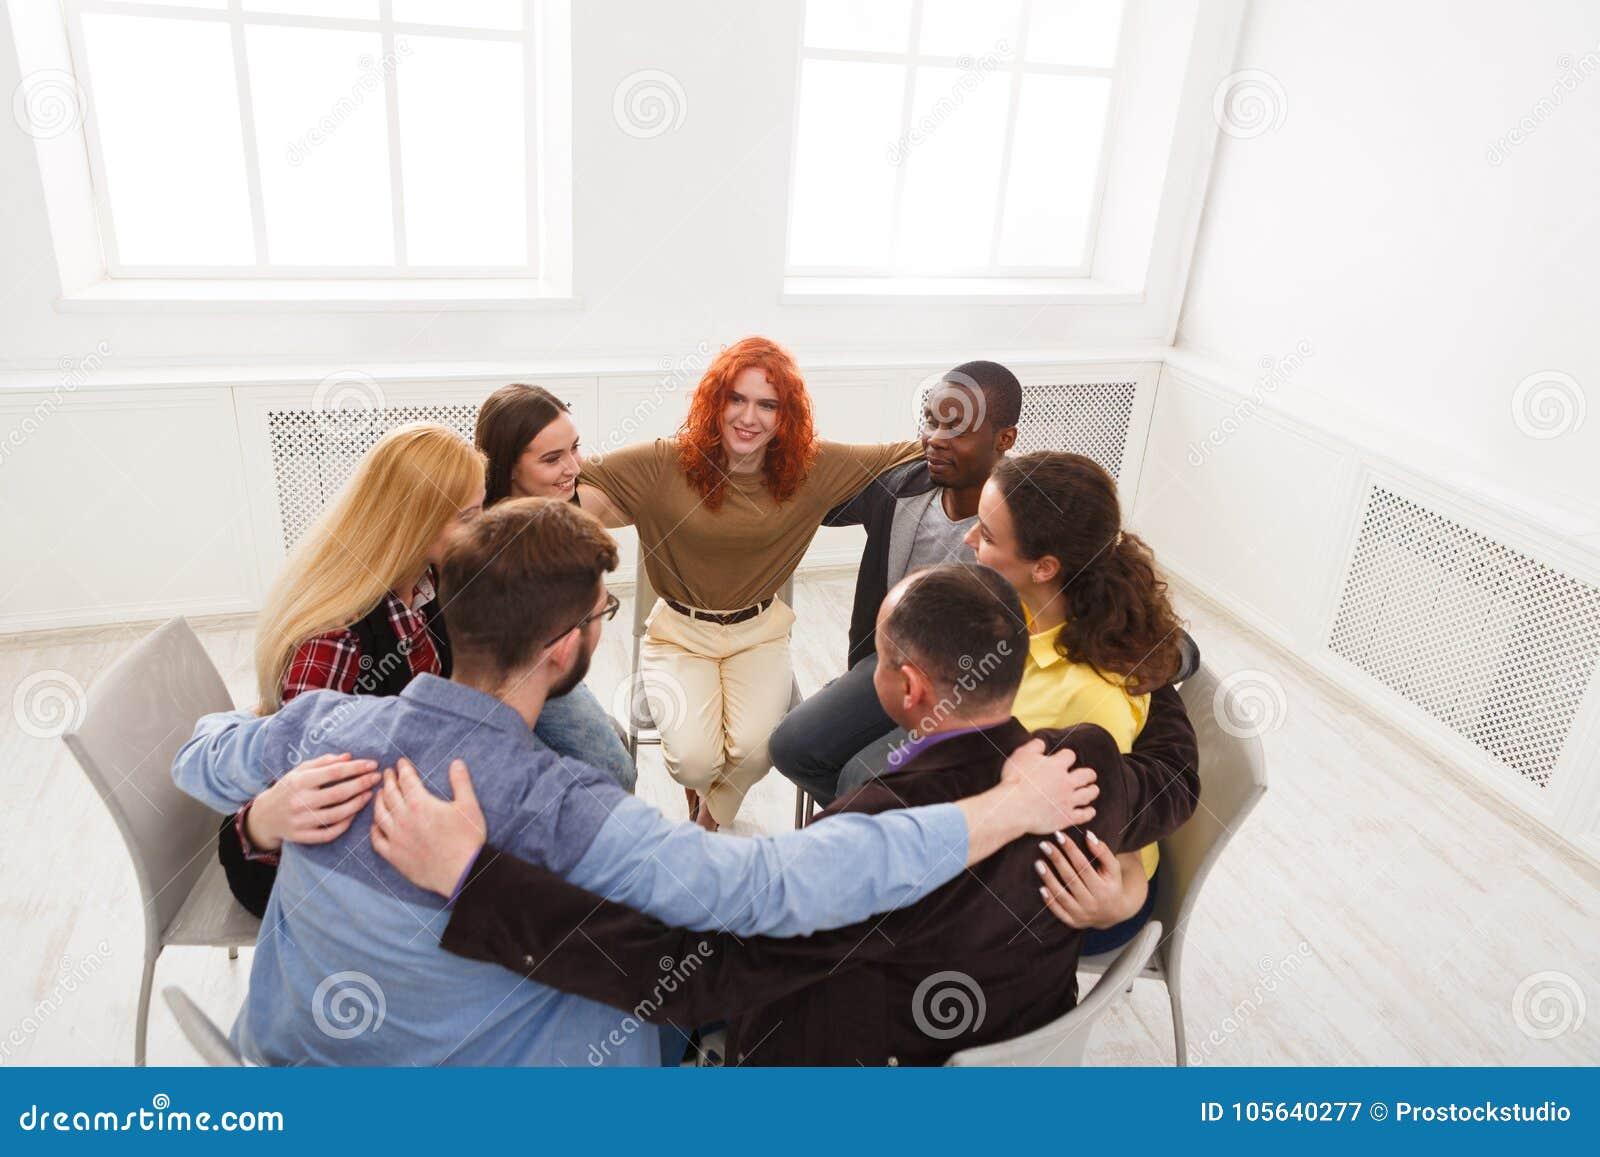 Terapia Di Sostegno.Terapia Del Gruppo Riunione Di Sostegno Di Psicologia